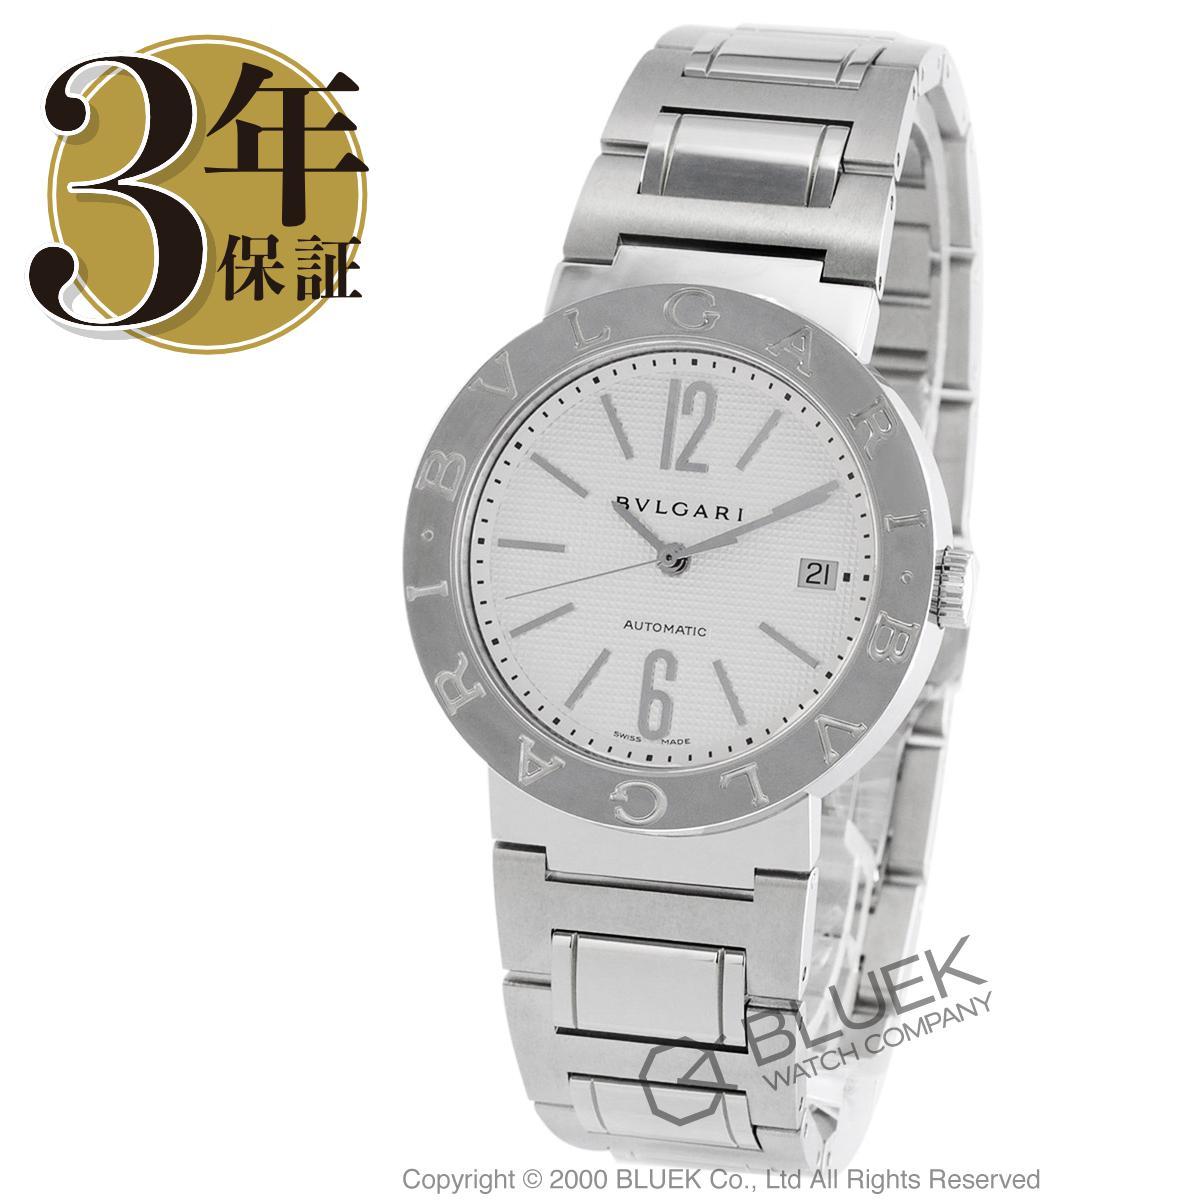 ブルガリ BVLGARI 腕時計 ブルガリブルガリ メンズ BB38WSSD_8